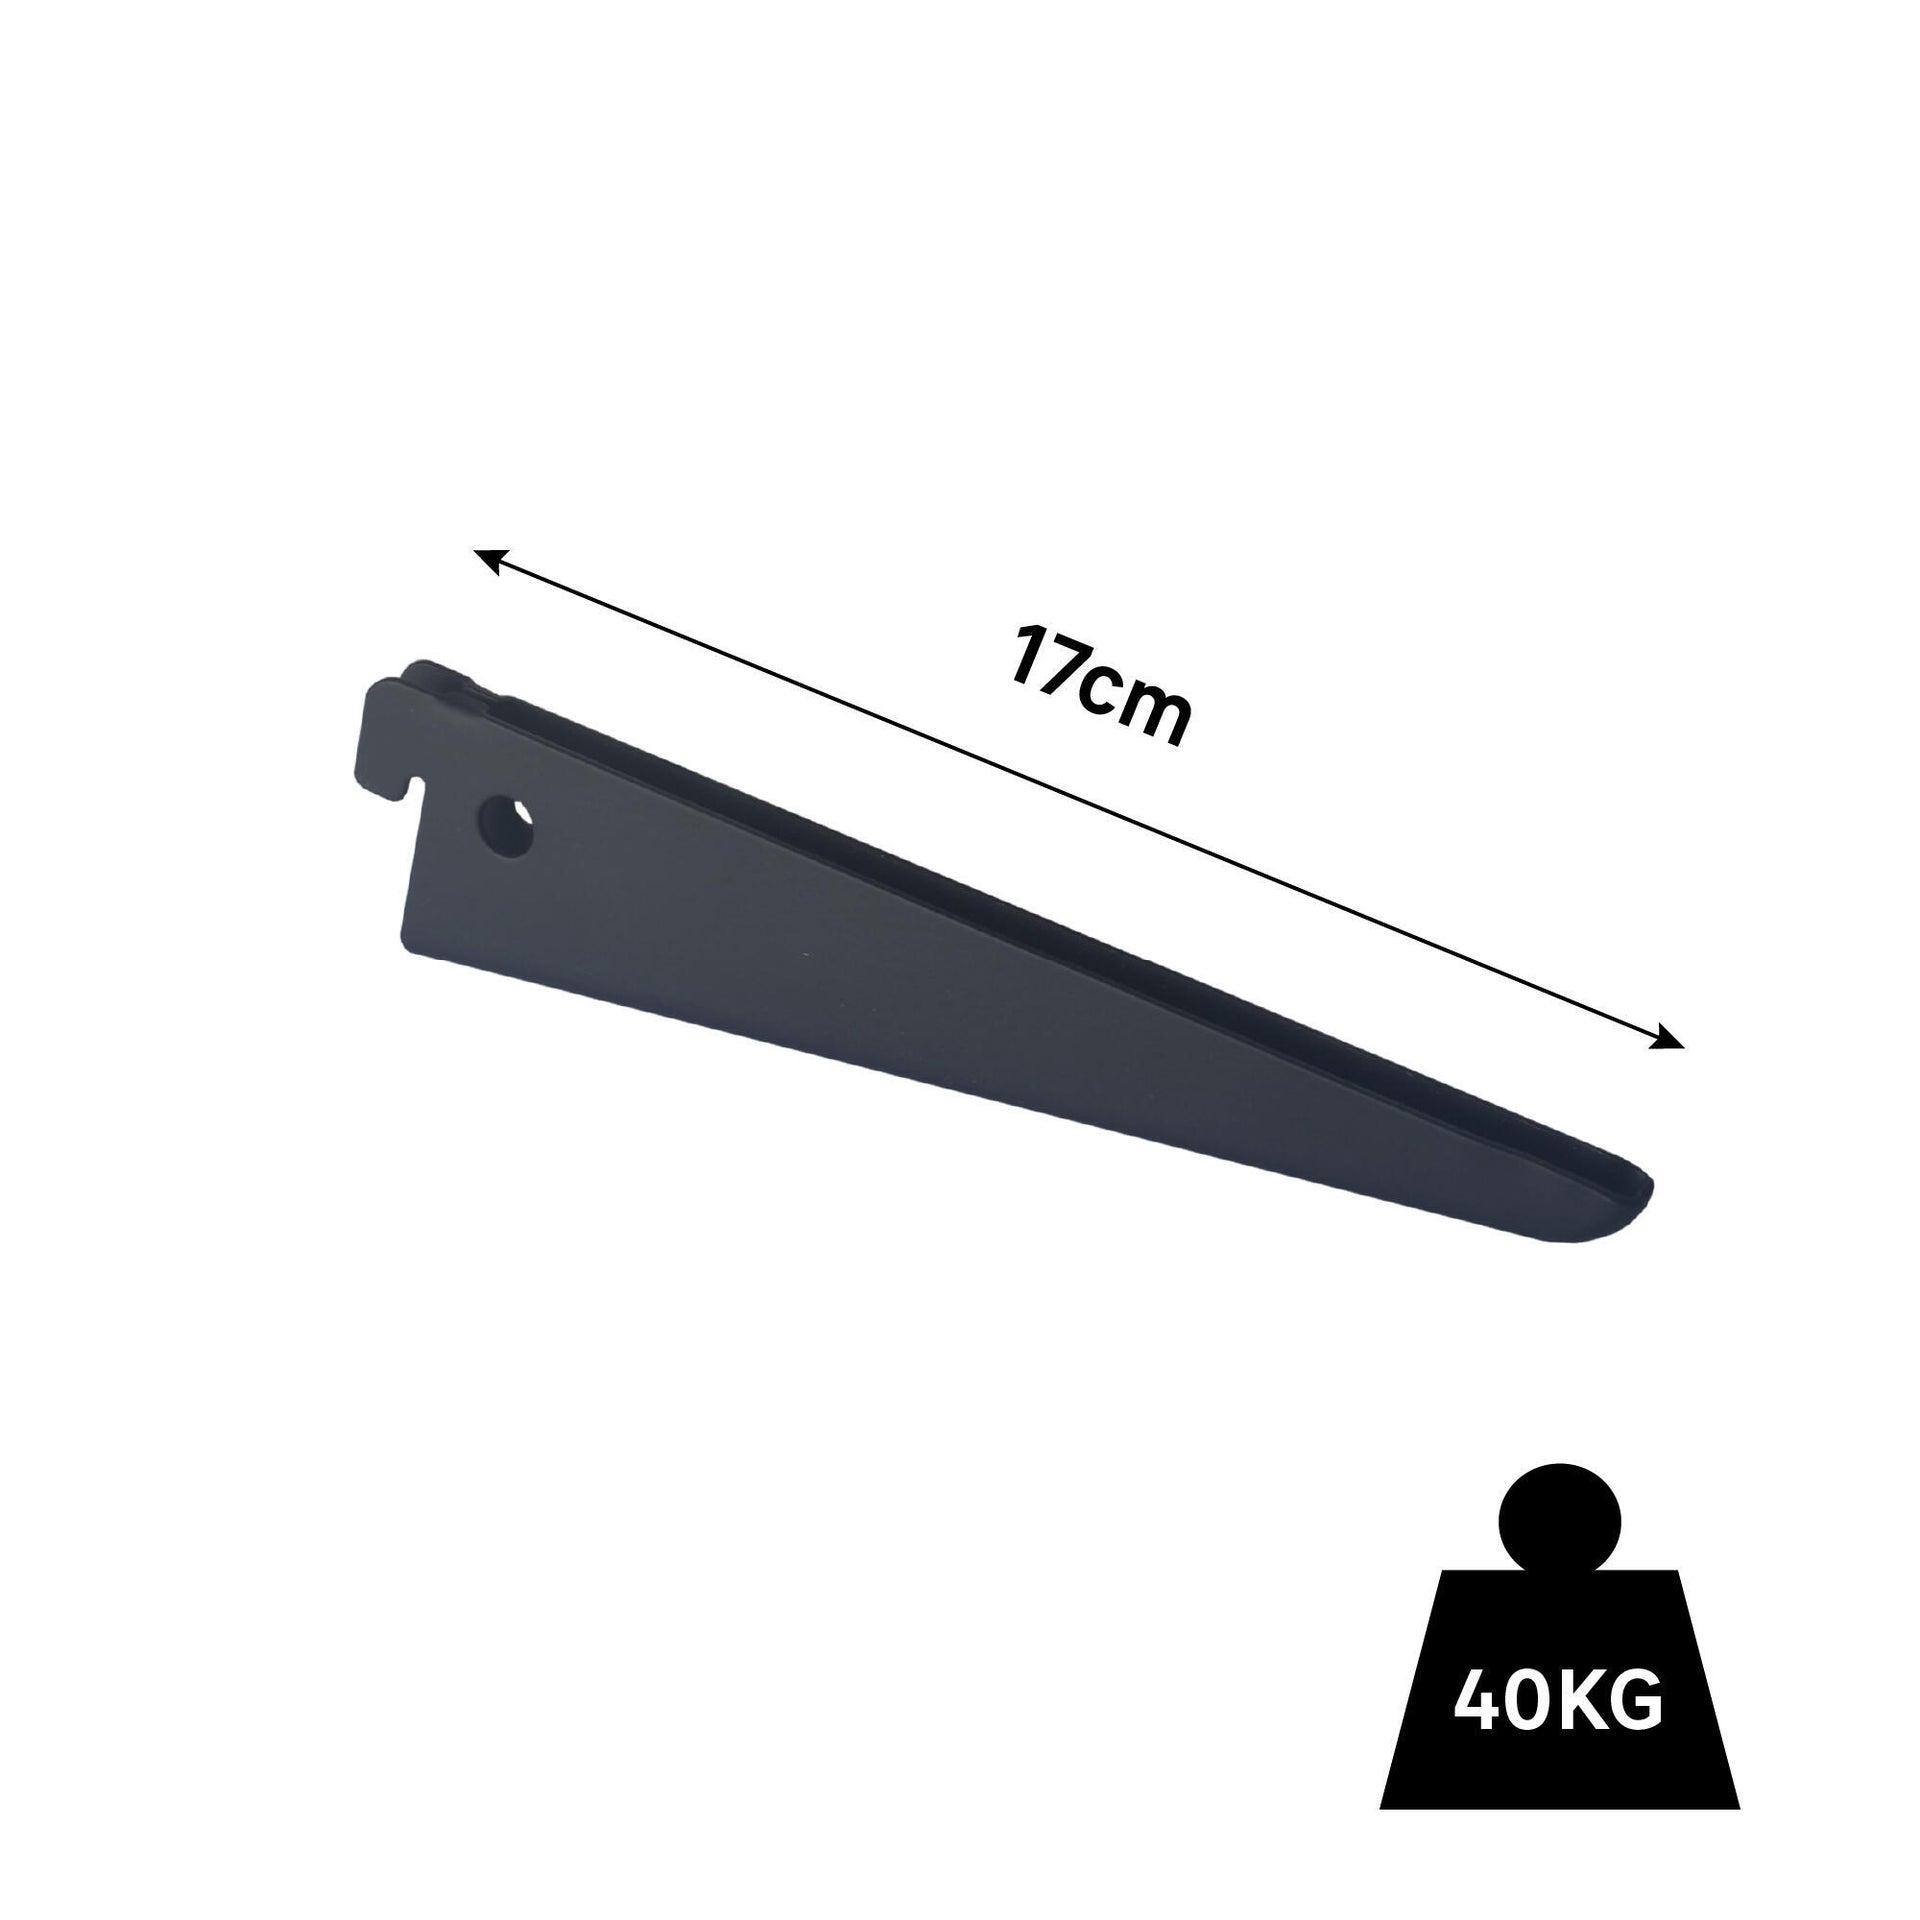 Supporto doppio per mensola Spaceo L 18.1 x H 1 x P 17 cm nero - 2